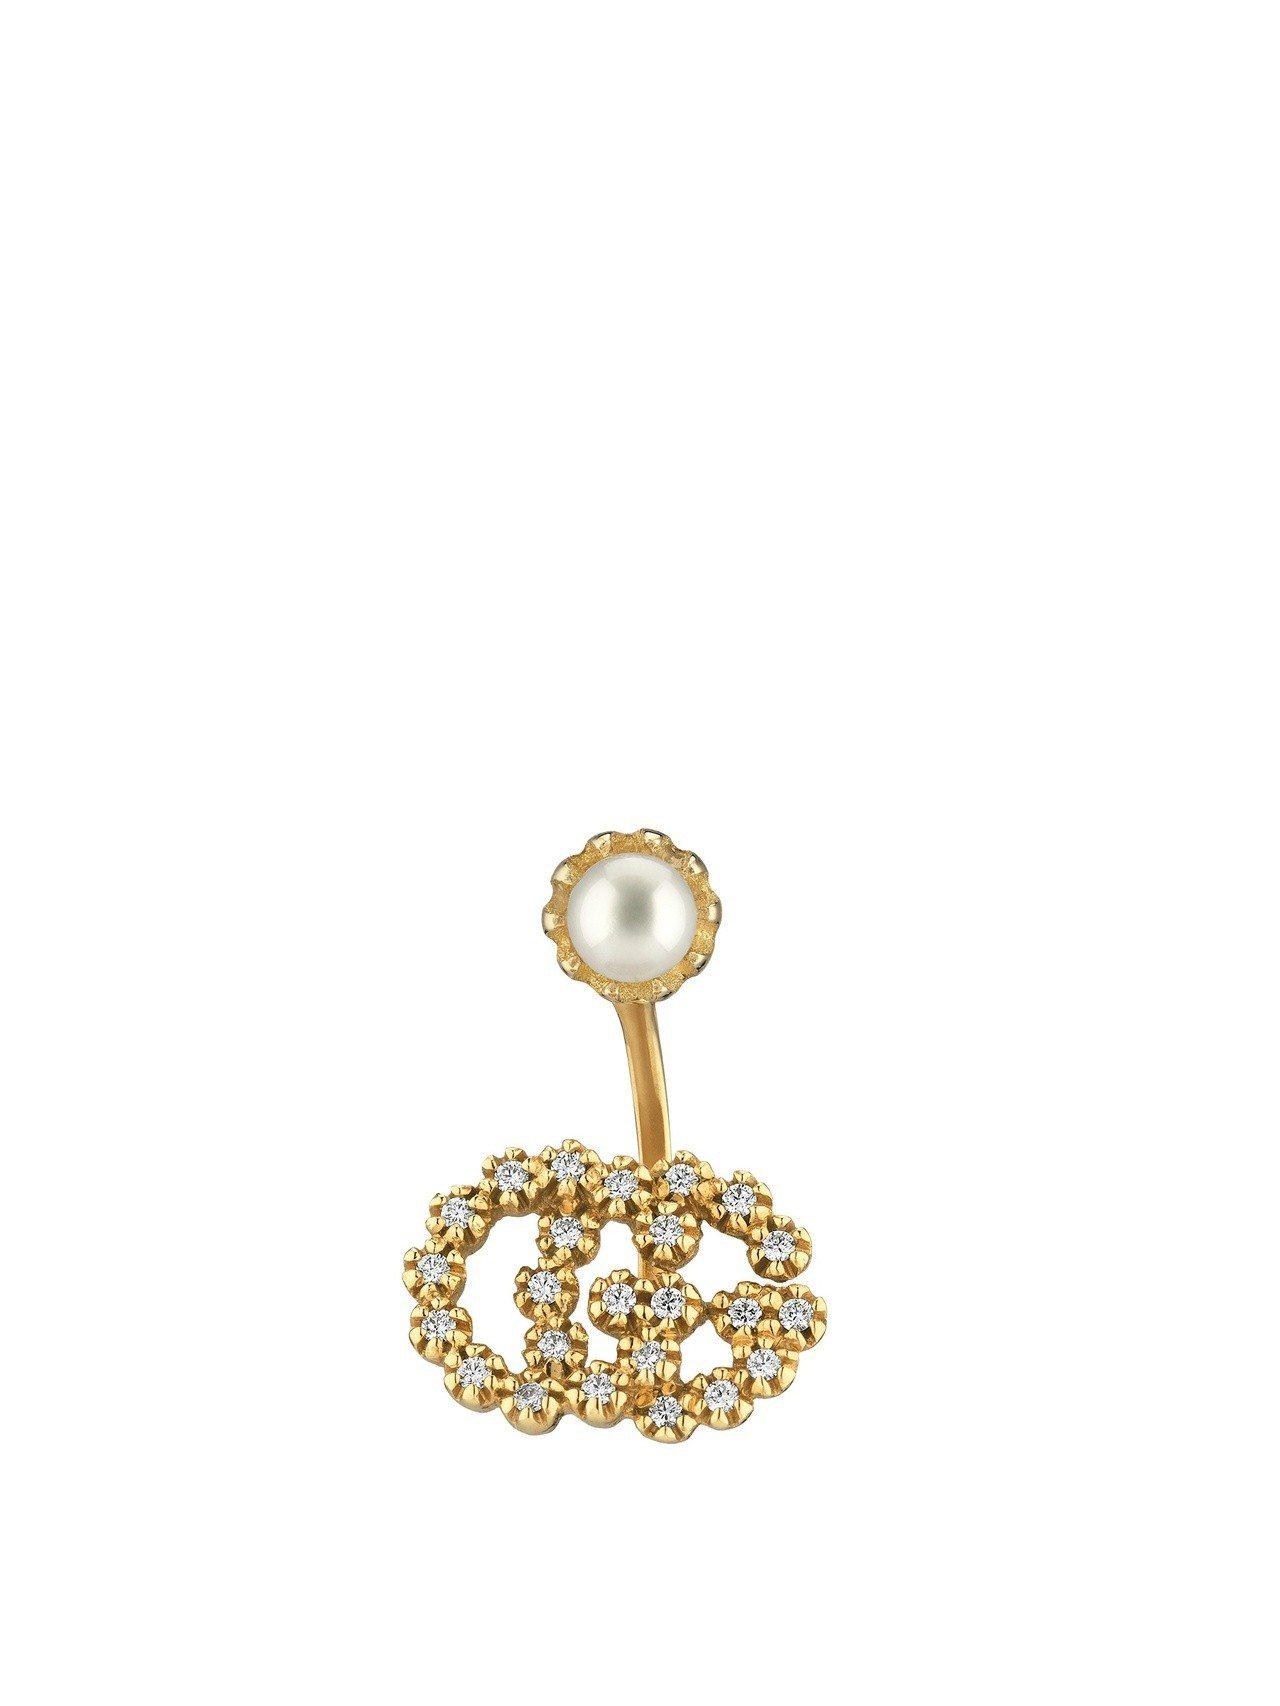 古馳18K 黃金G字珍珠鑽石耳環單耳,35,200元。圖/古馳提供